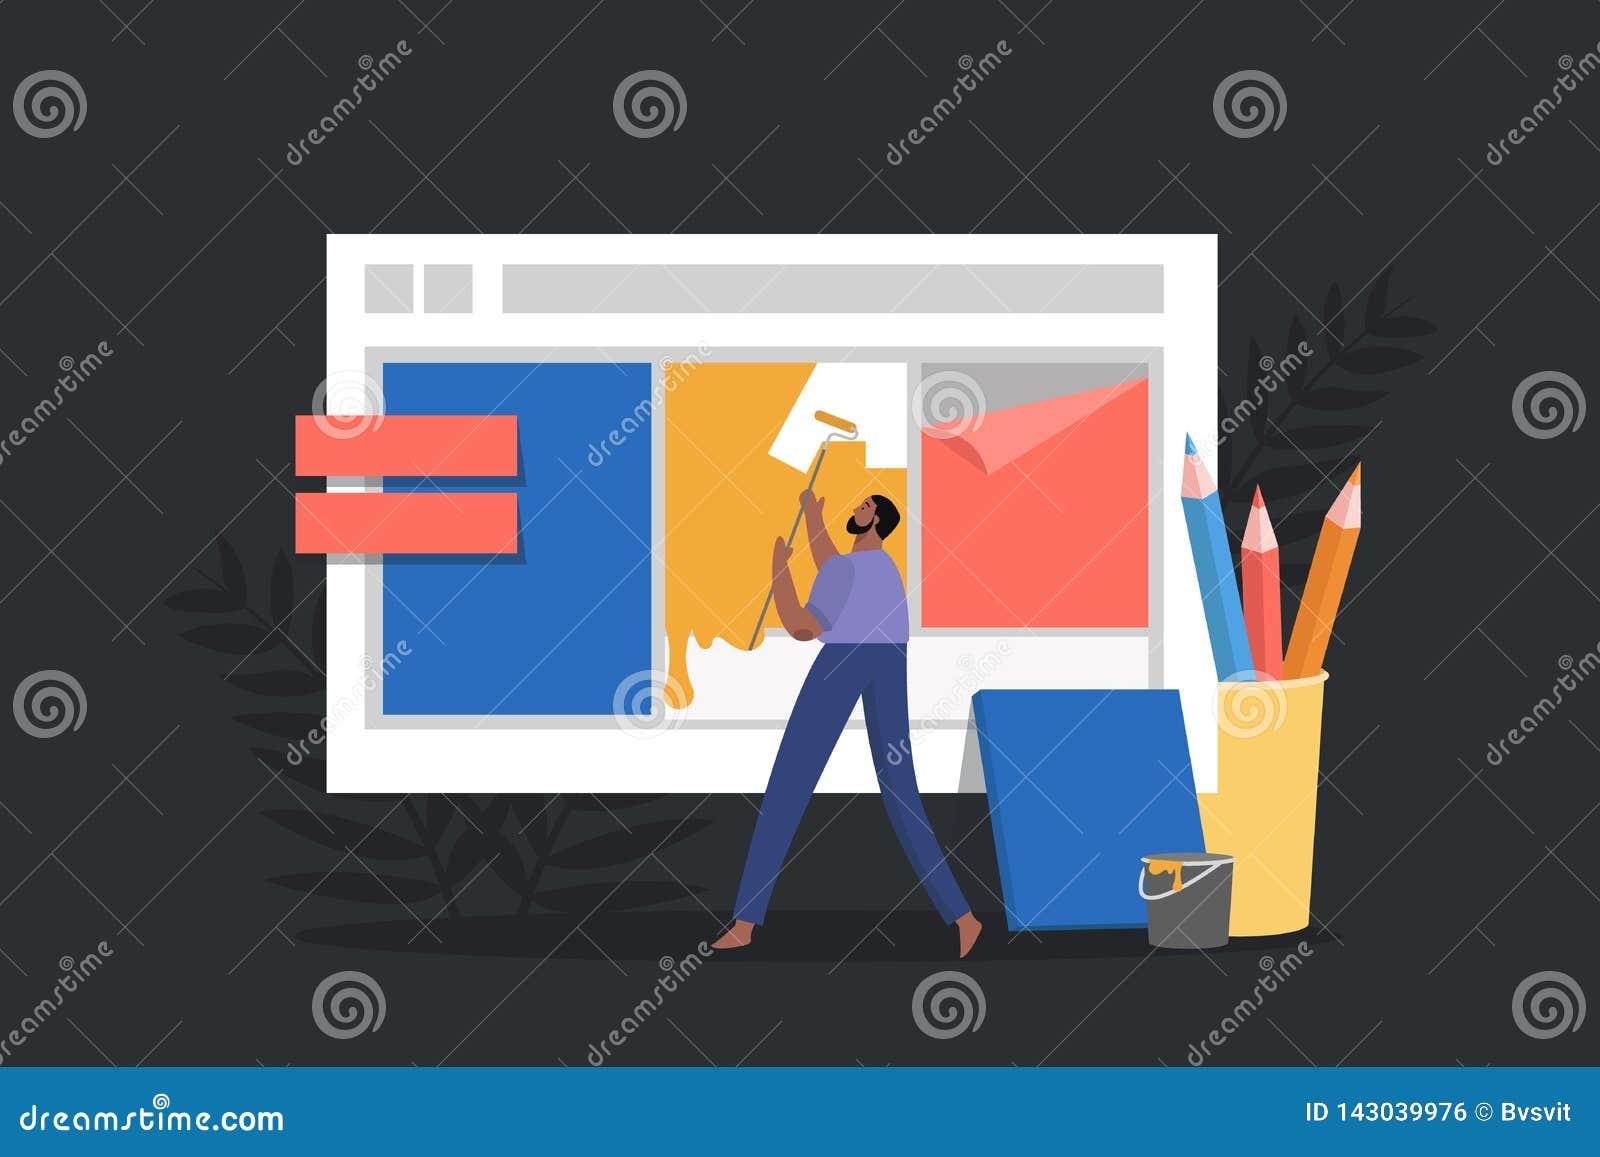 Tworzyć sieć projekt dla miejsca Online pojęcie dla miejsce pracy, mężczyźni tworzy desantową stronę